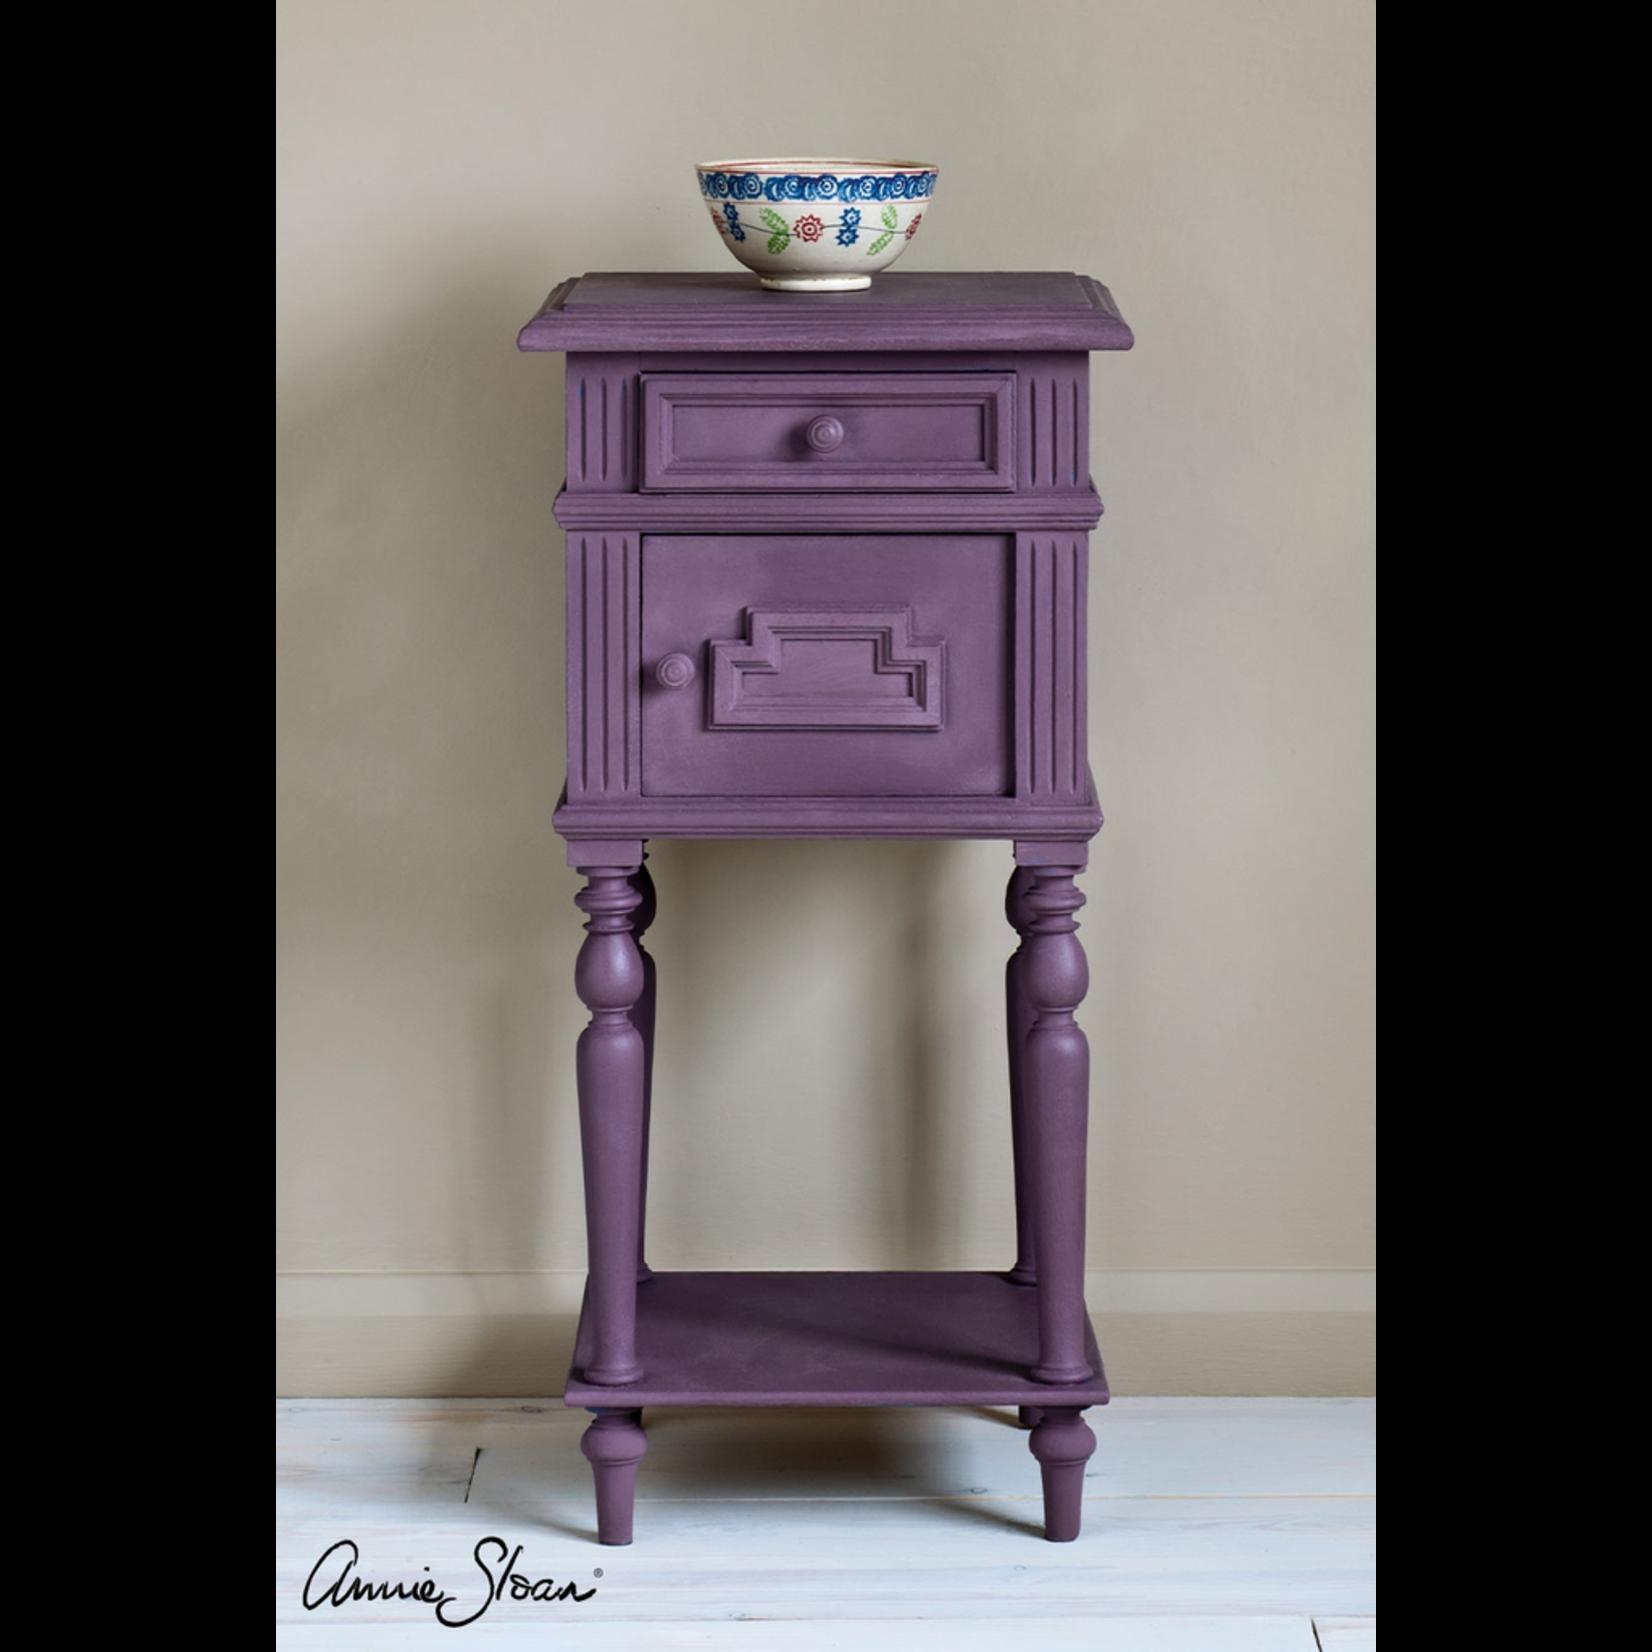 Annie Sloan Annie Sloan Rodmell Chalk Paint